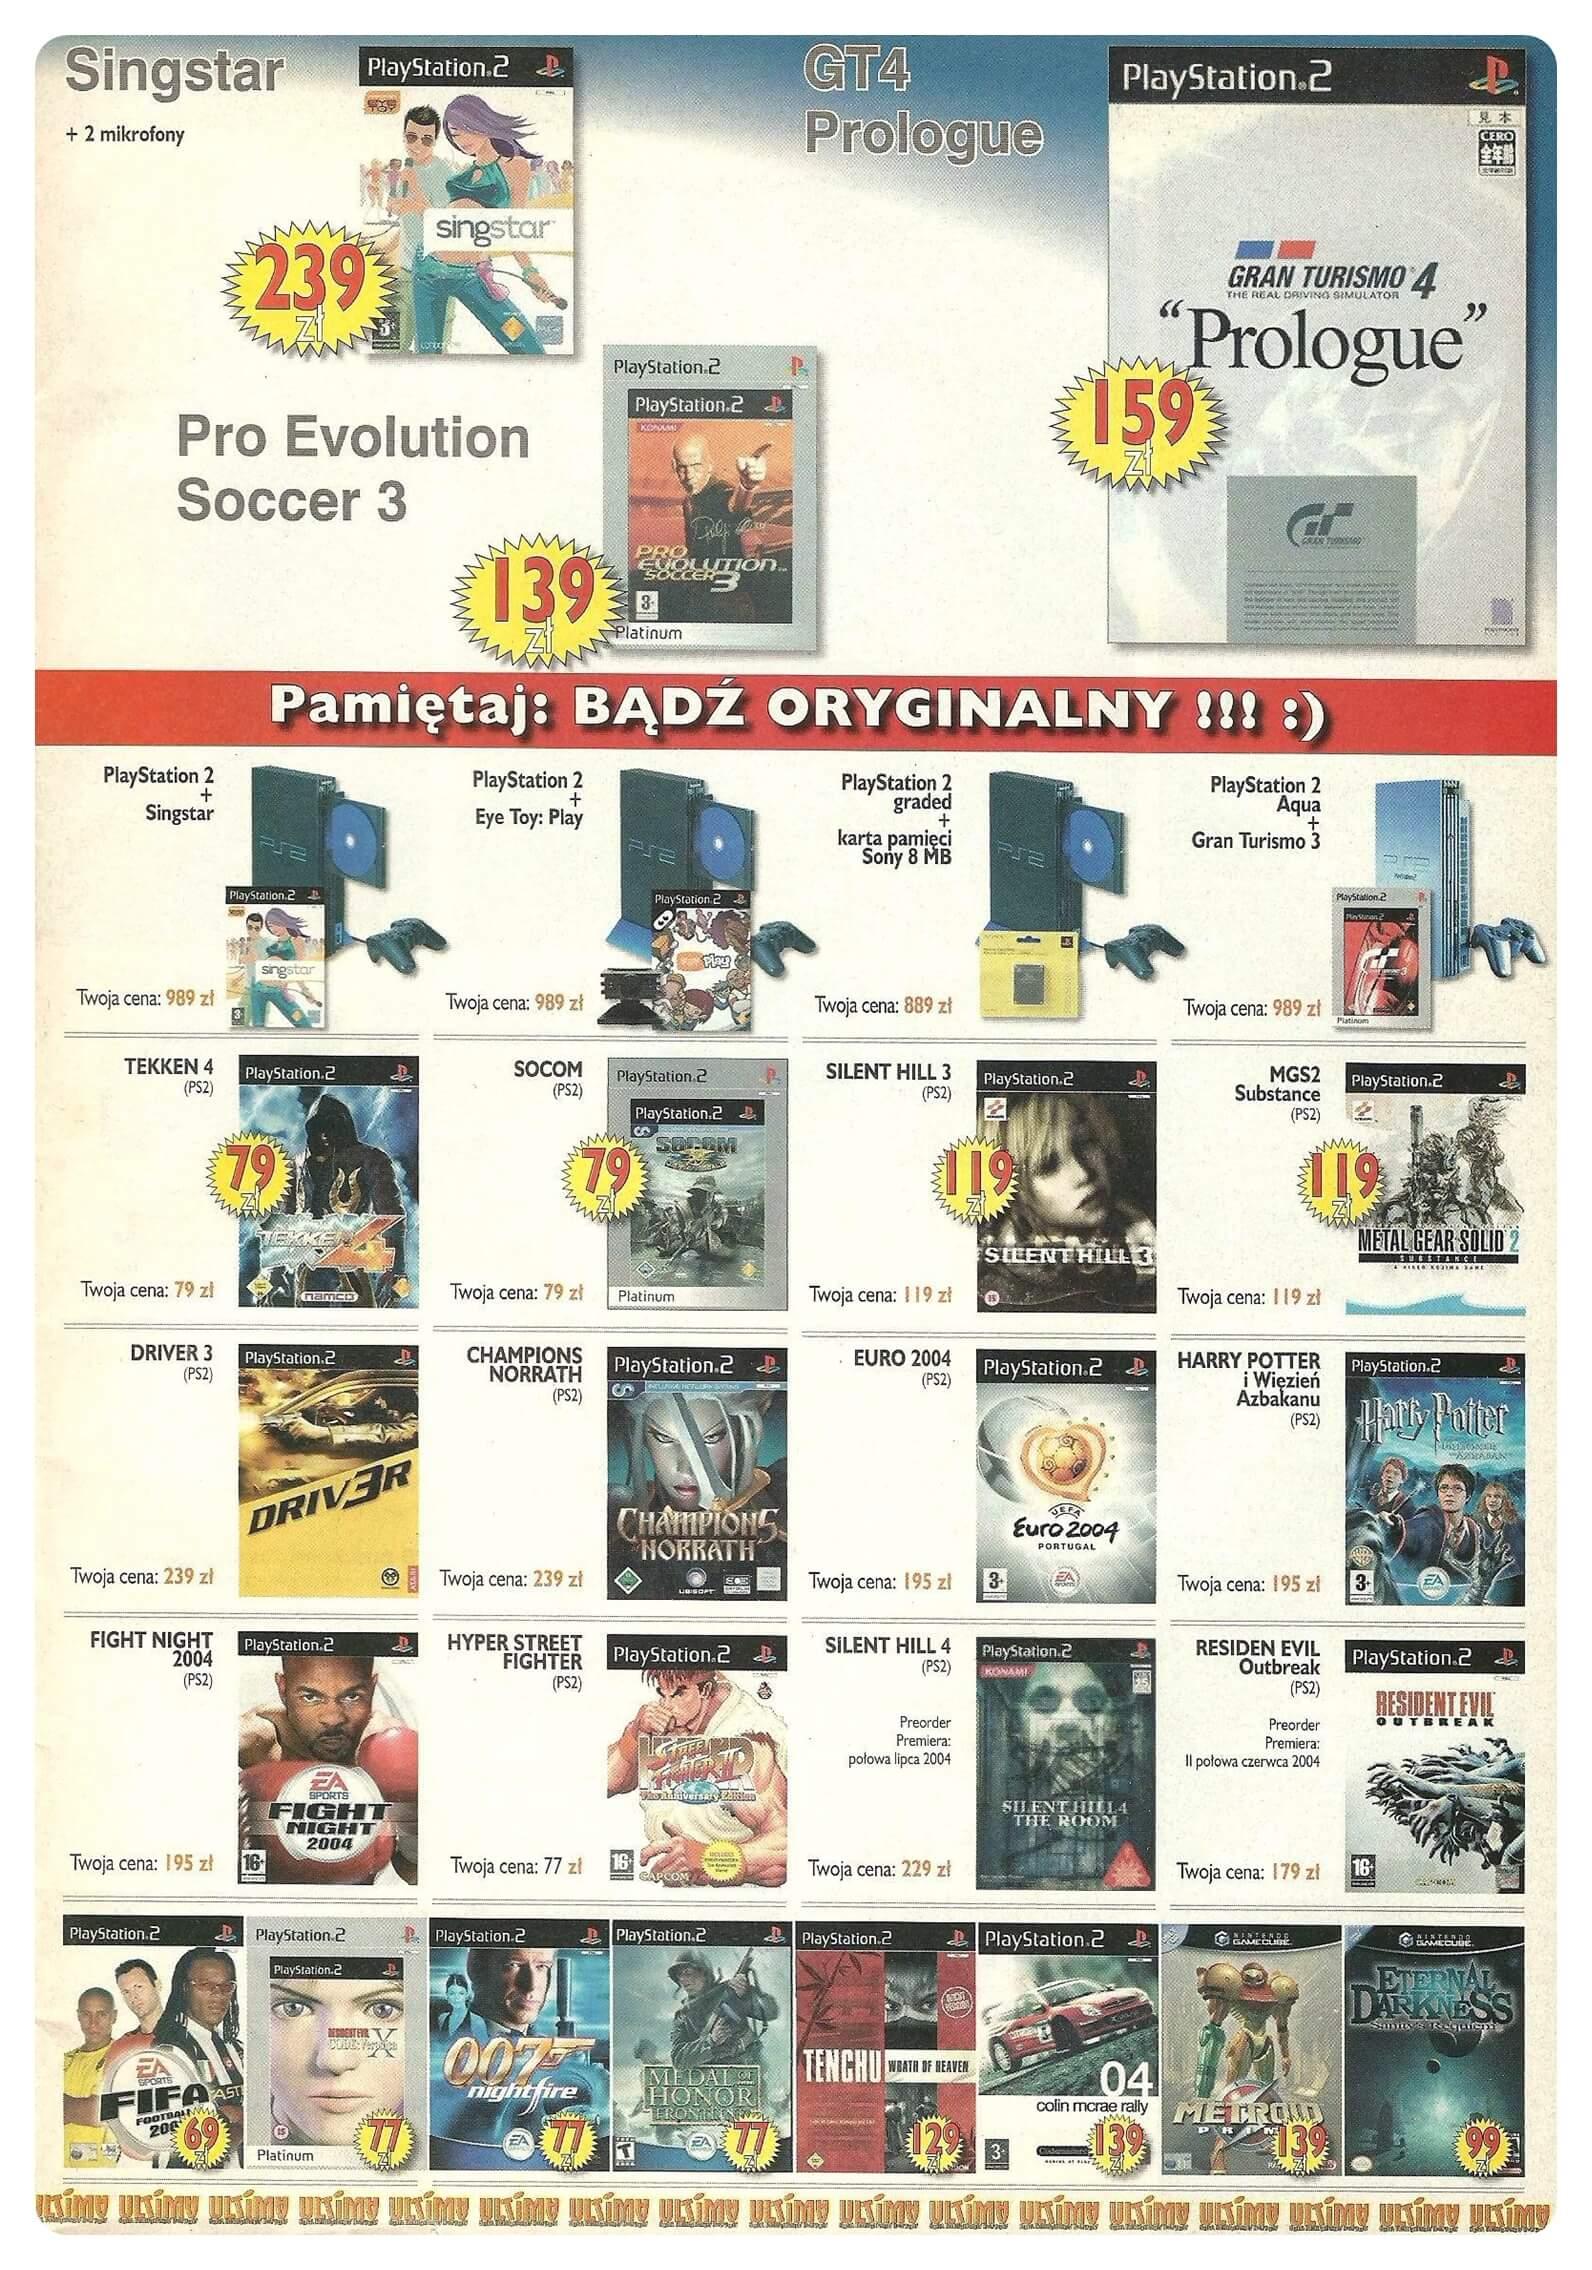 Neo Plus nr 066 20043q4 - Jak wyglądały ceny różnych konsol w Polsce w latach 1996-2006?